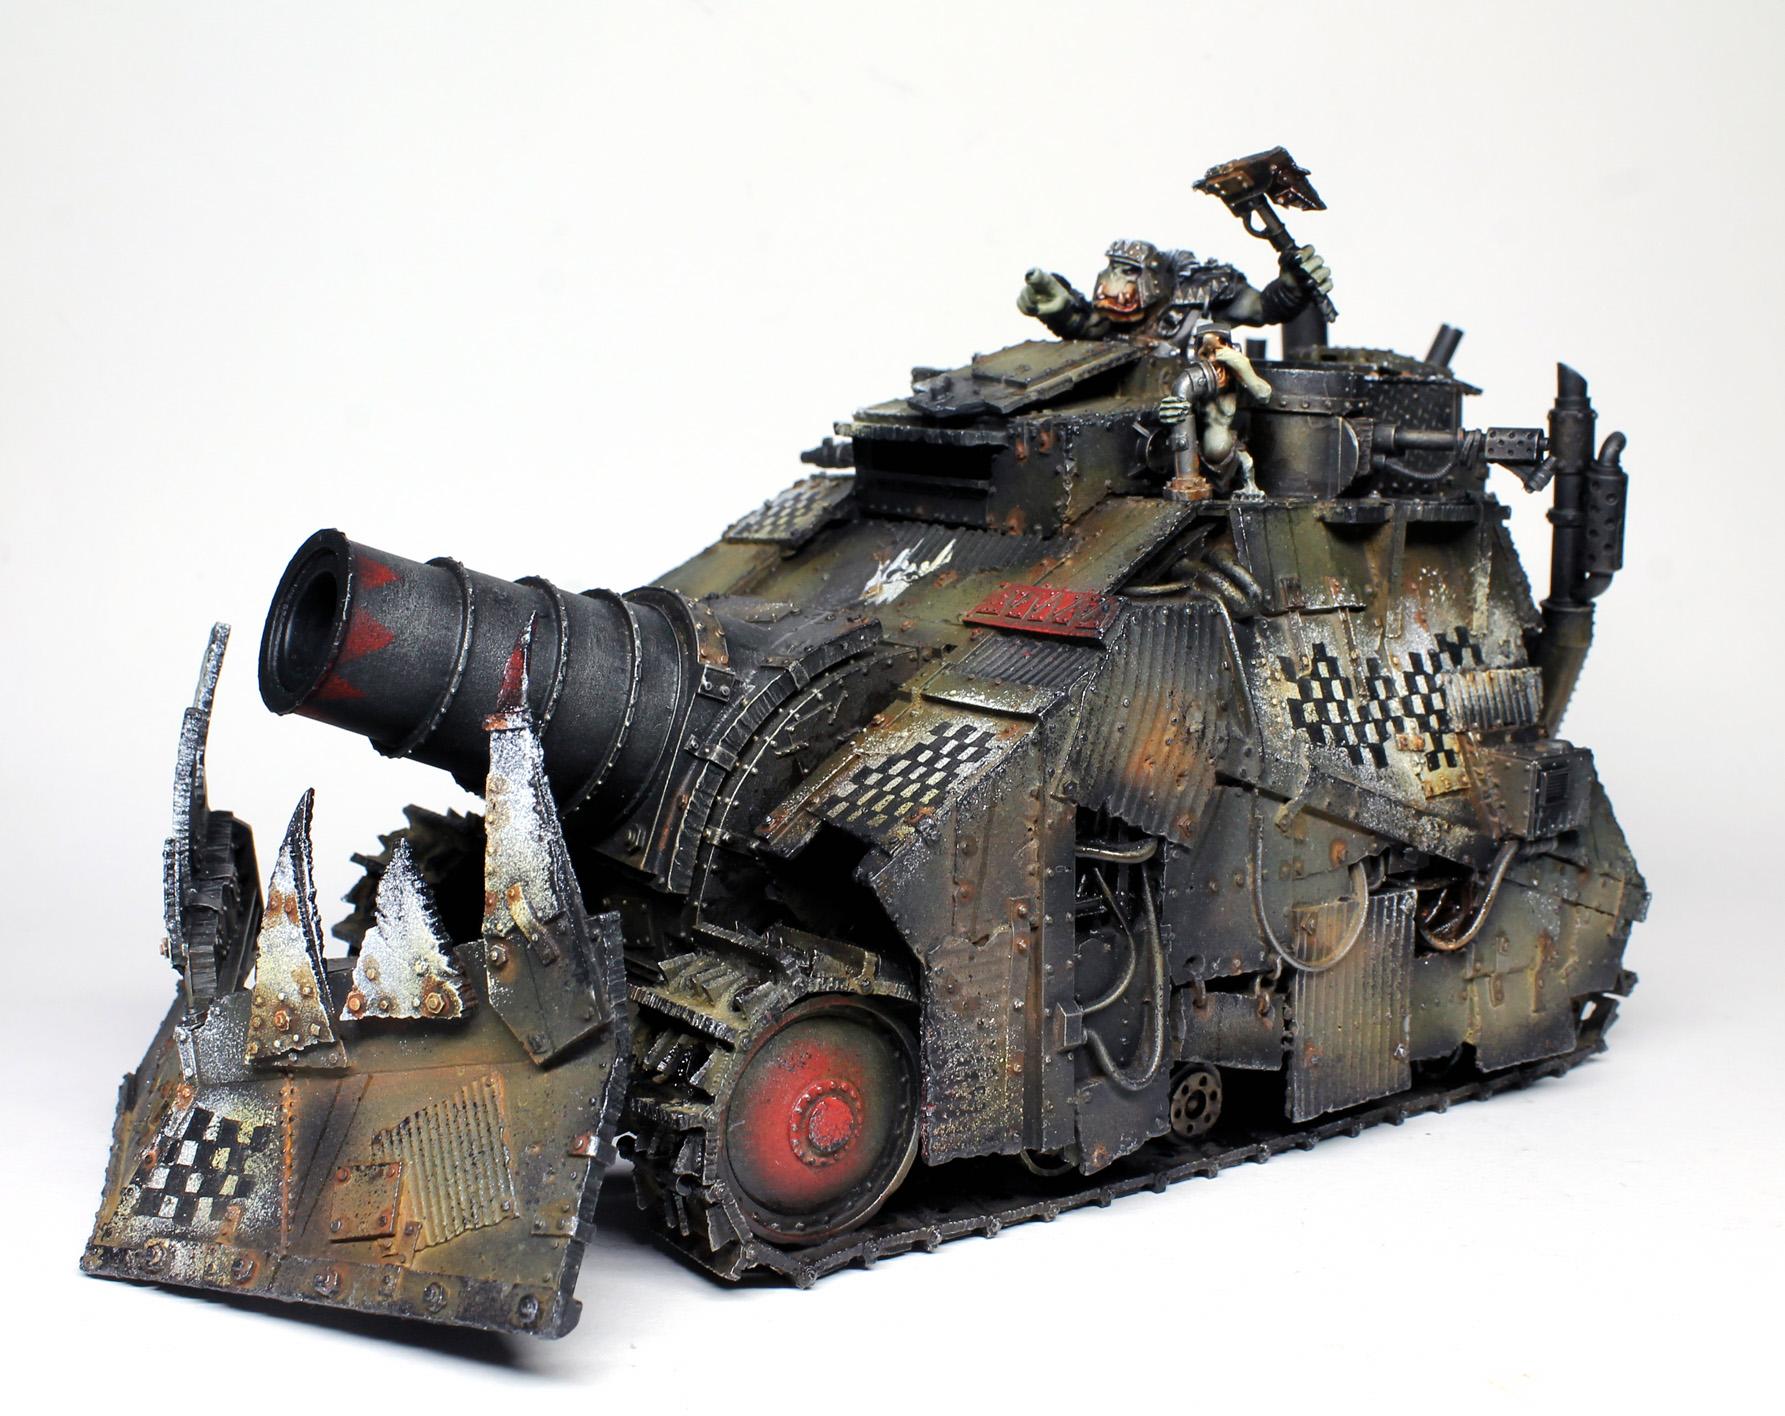 Ork KillBursta Tank